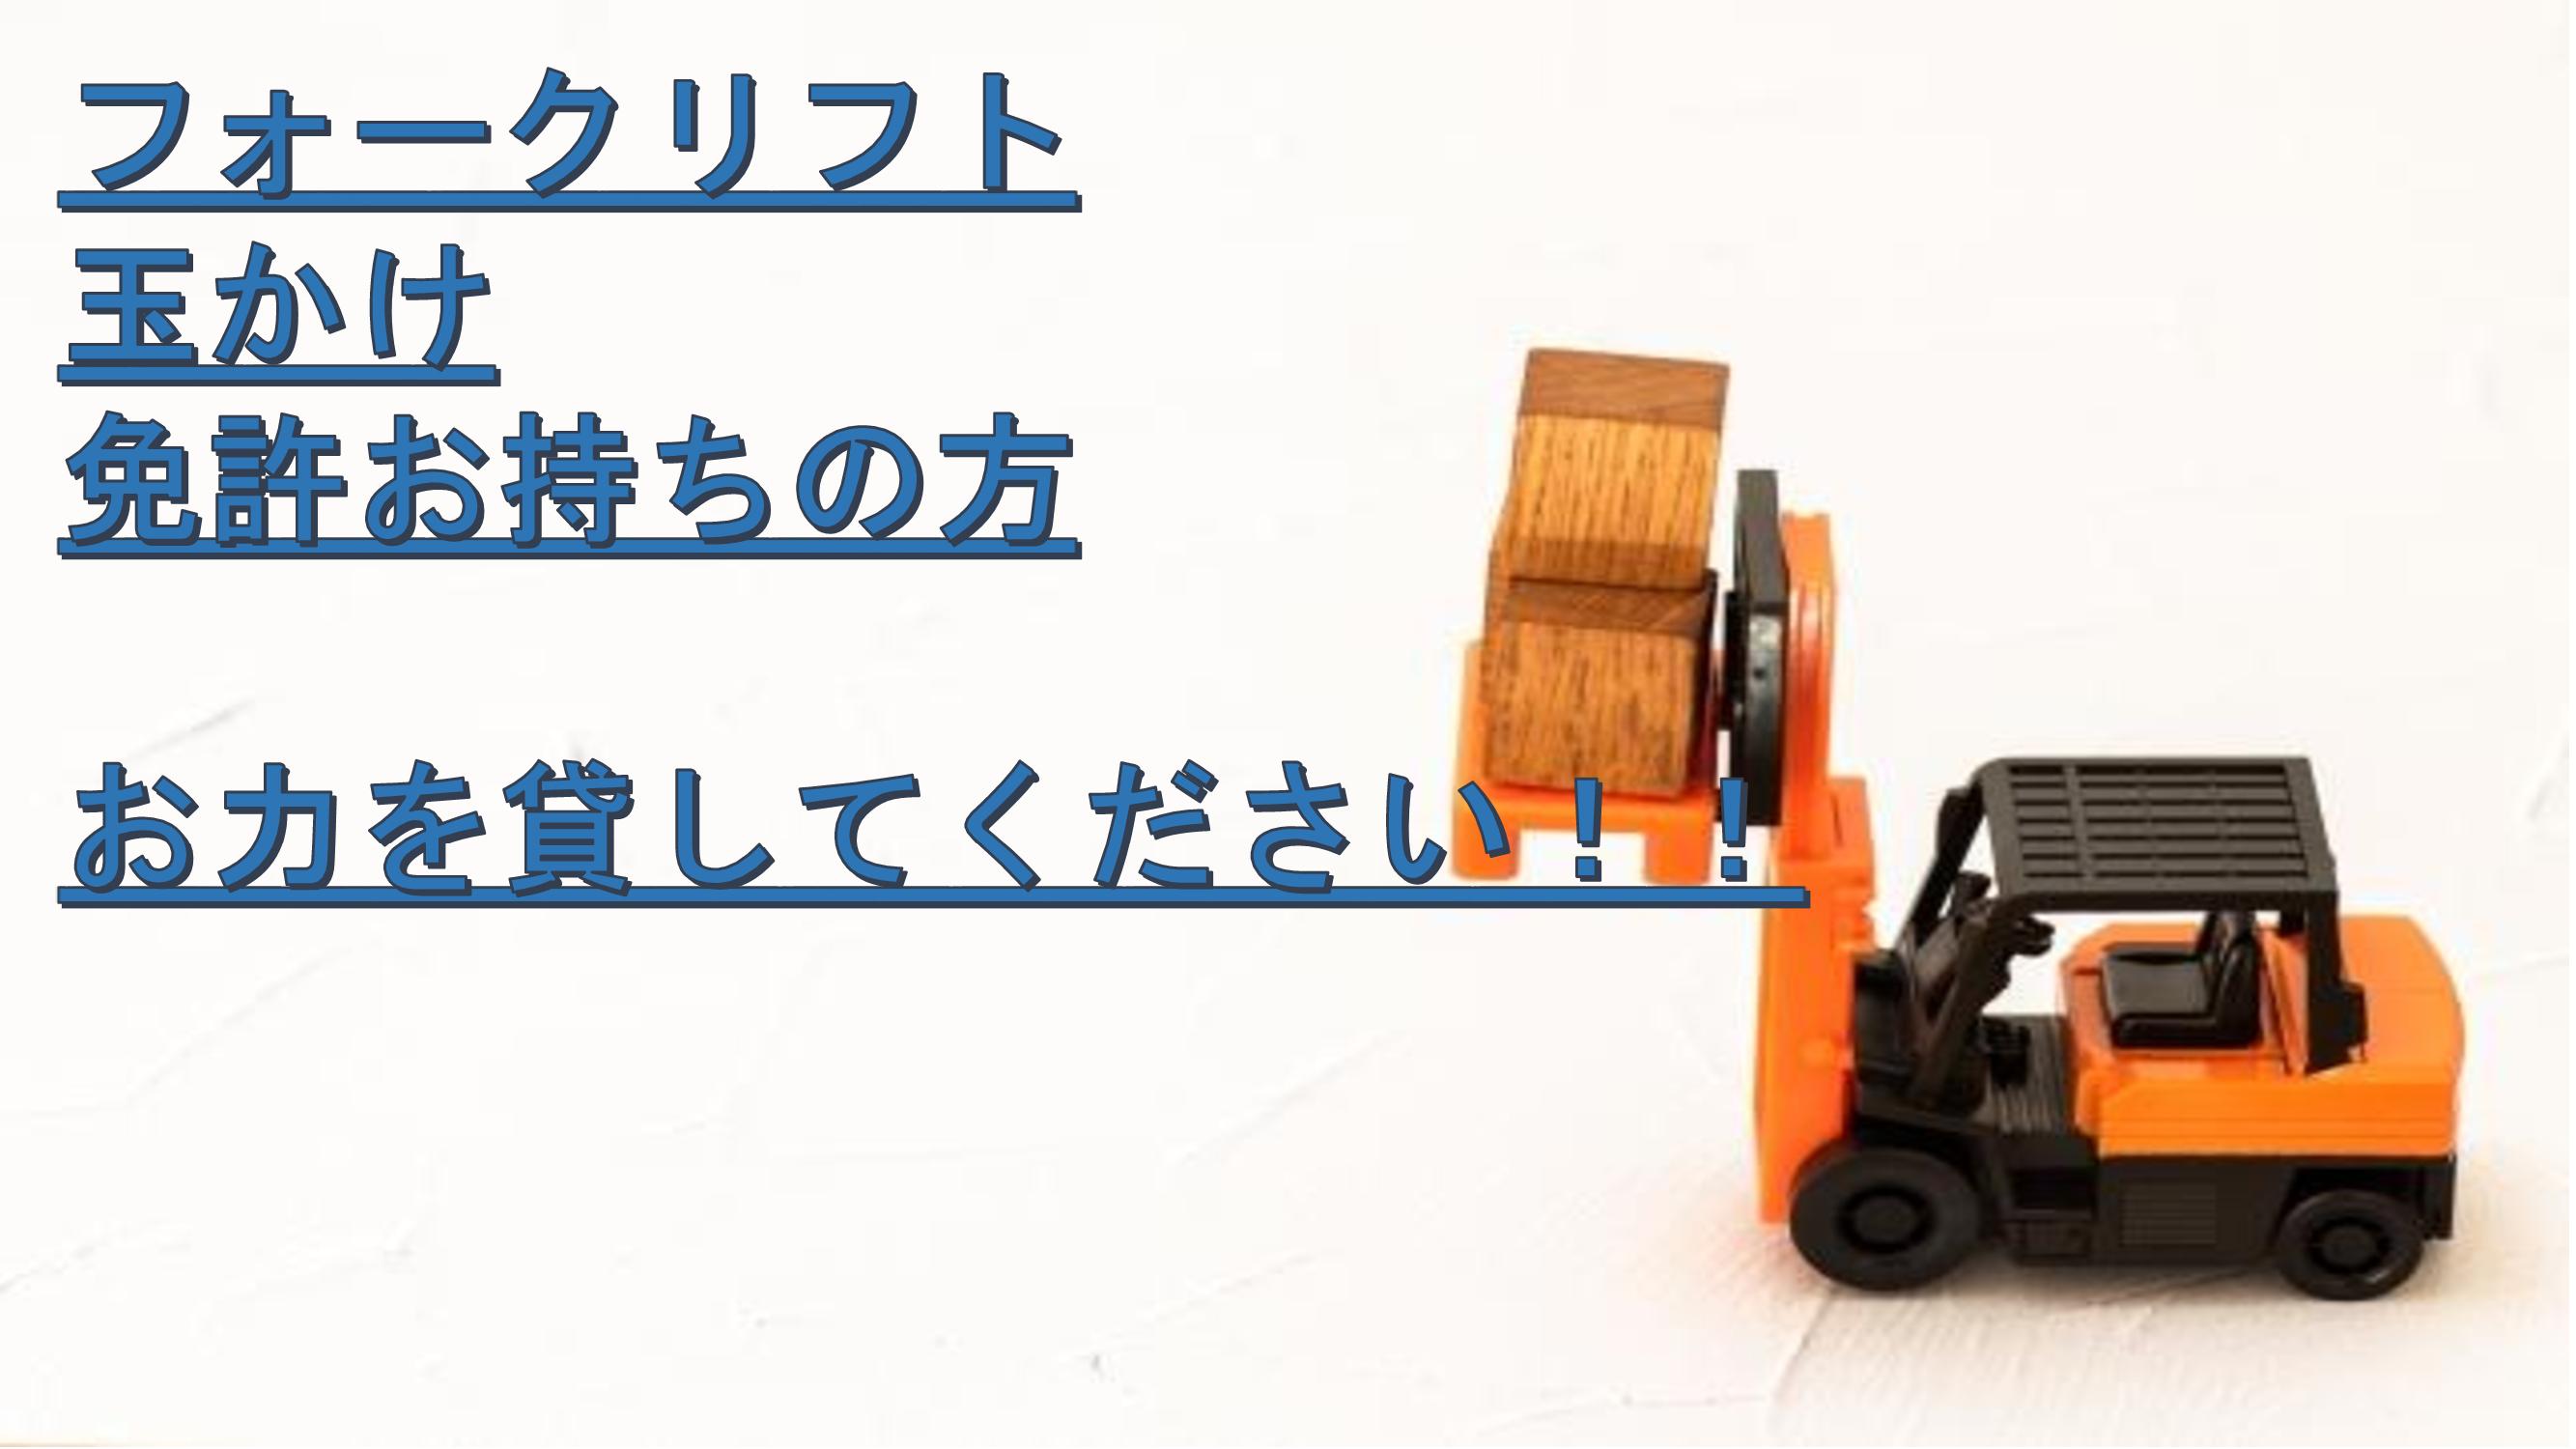 土日休み♪マイカー通勤OK!4tトラックドライバー イメージ